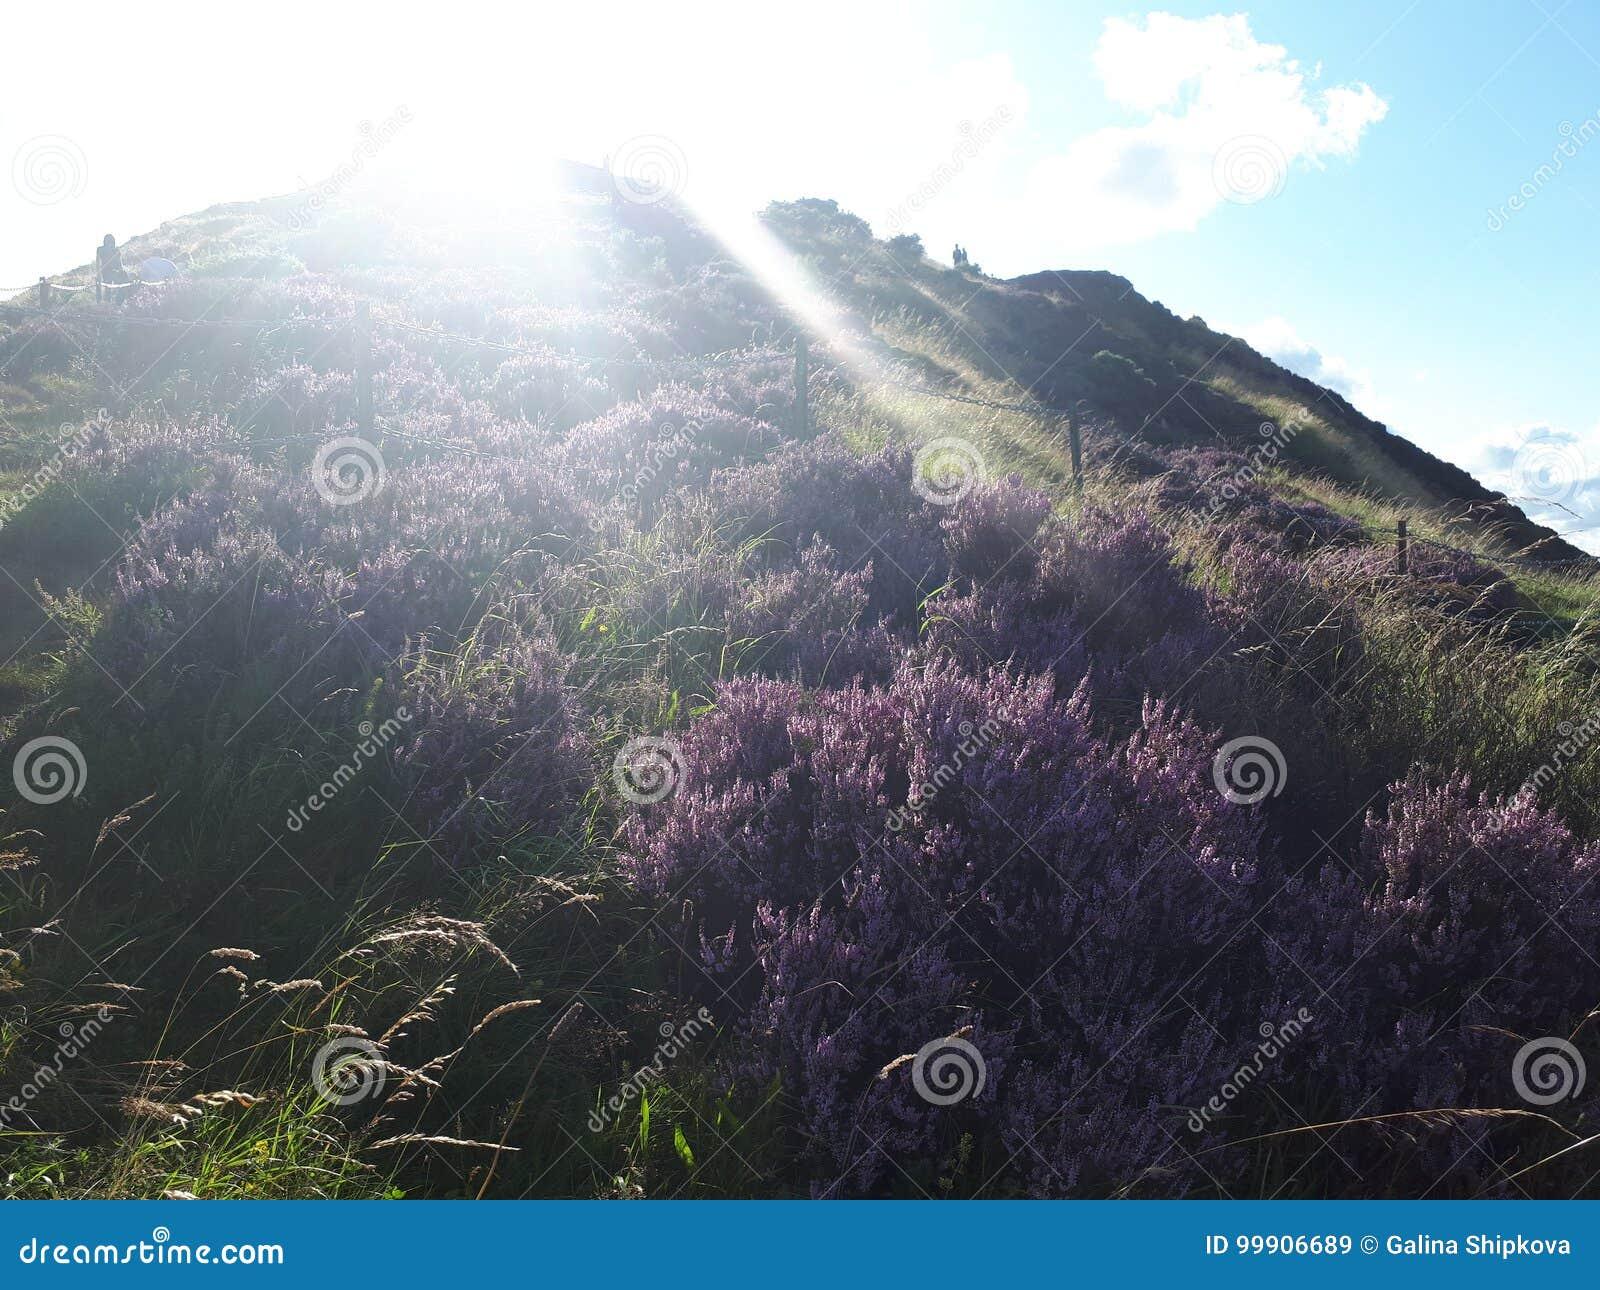 山 苏格兰 荒地 阳光 晒裂